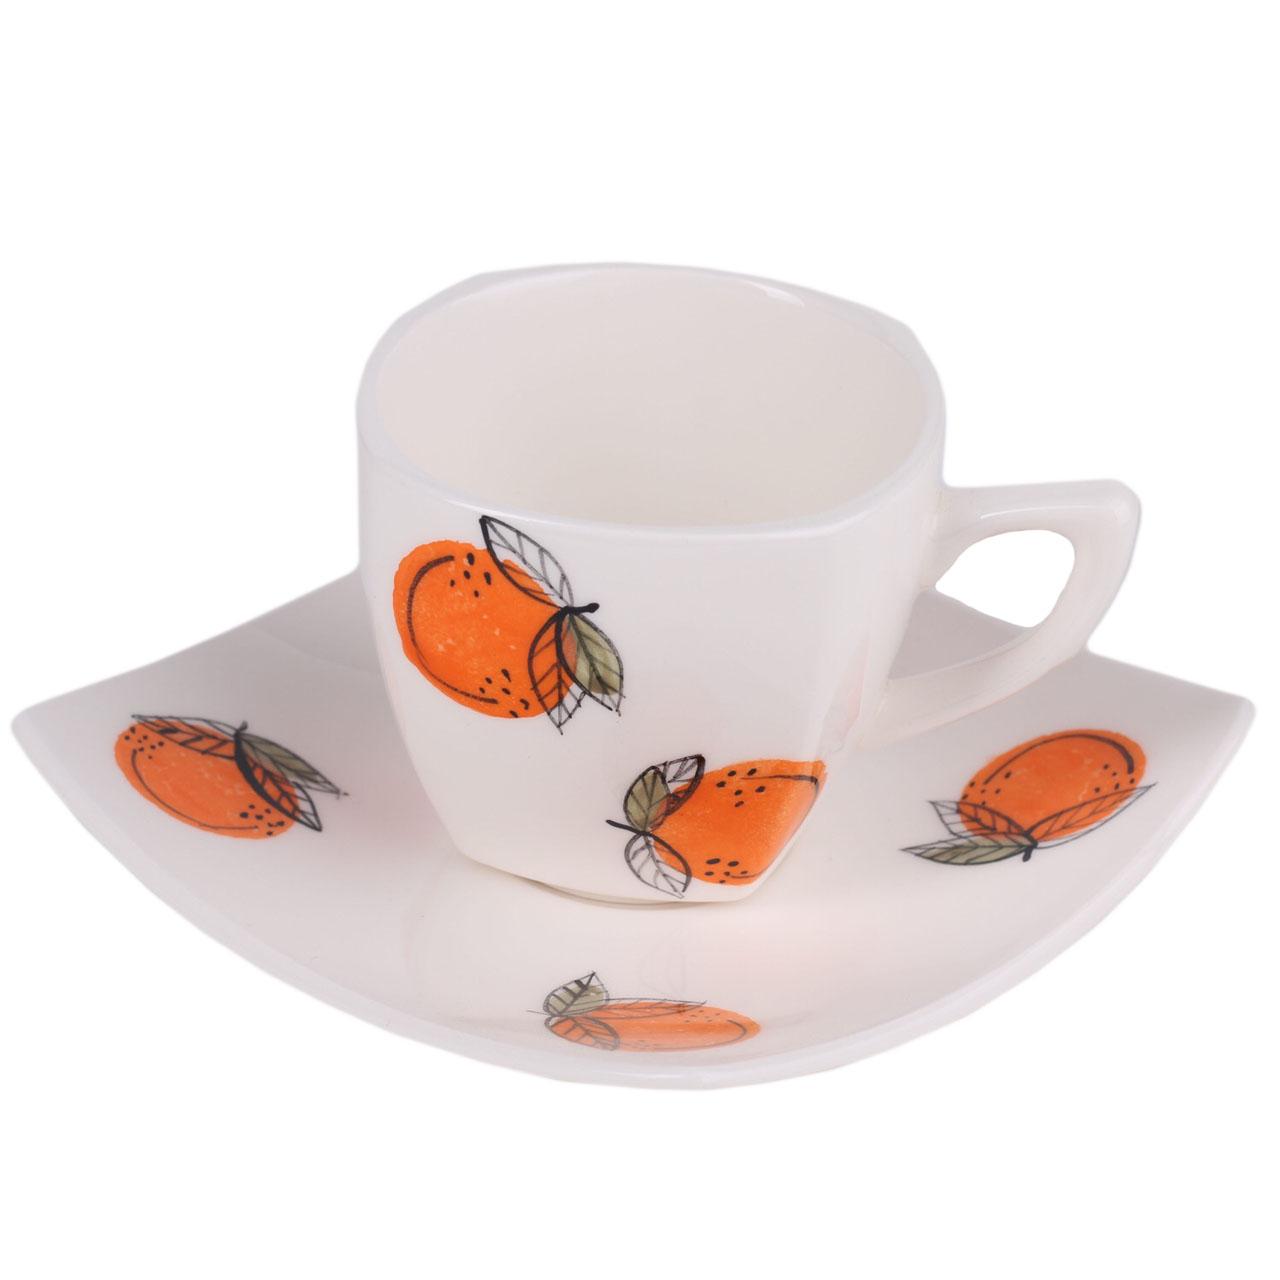 فنجان و نعلبکی طرح پرتقال کد Q03